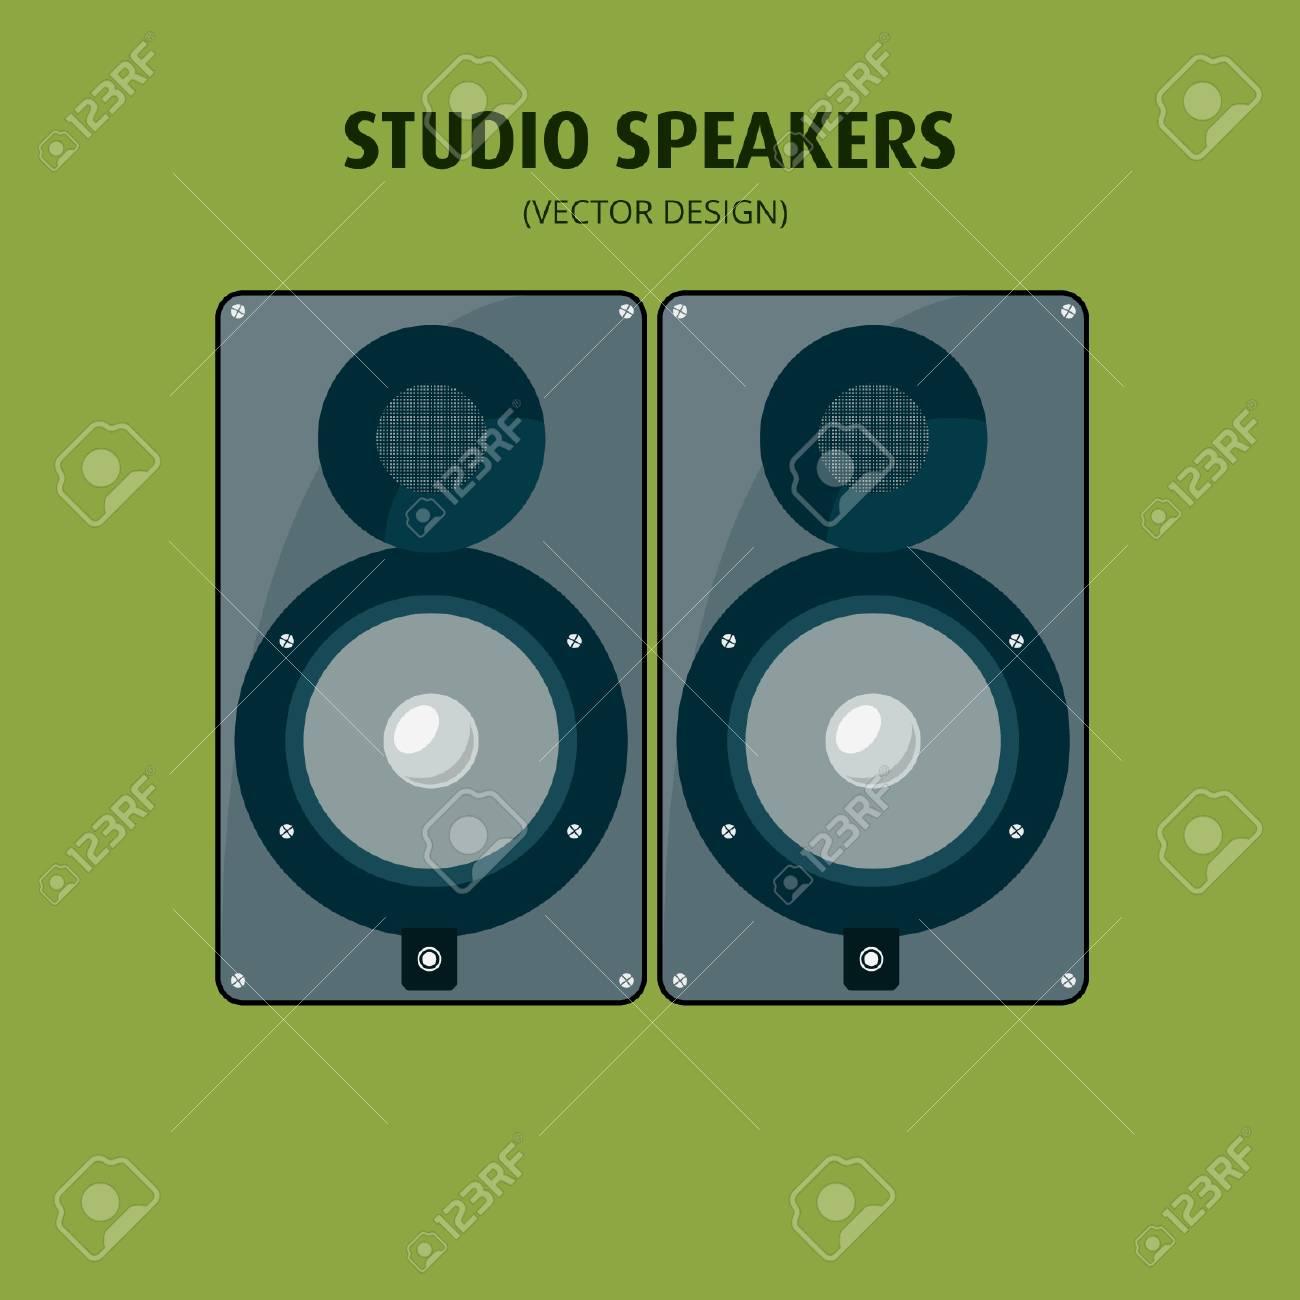 Studio Speakers - Vector Design - 110619556